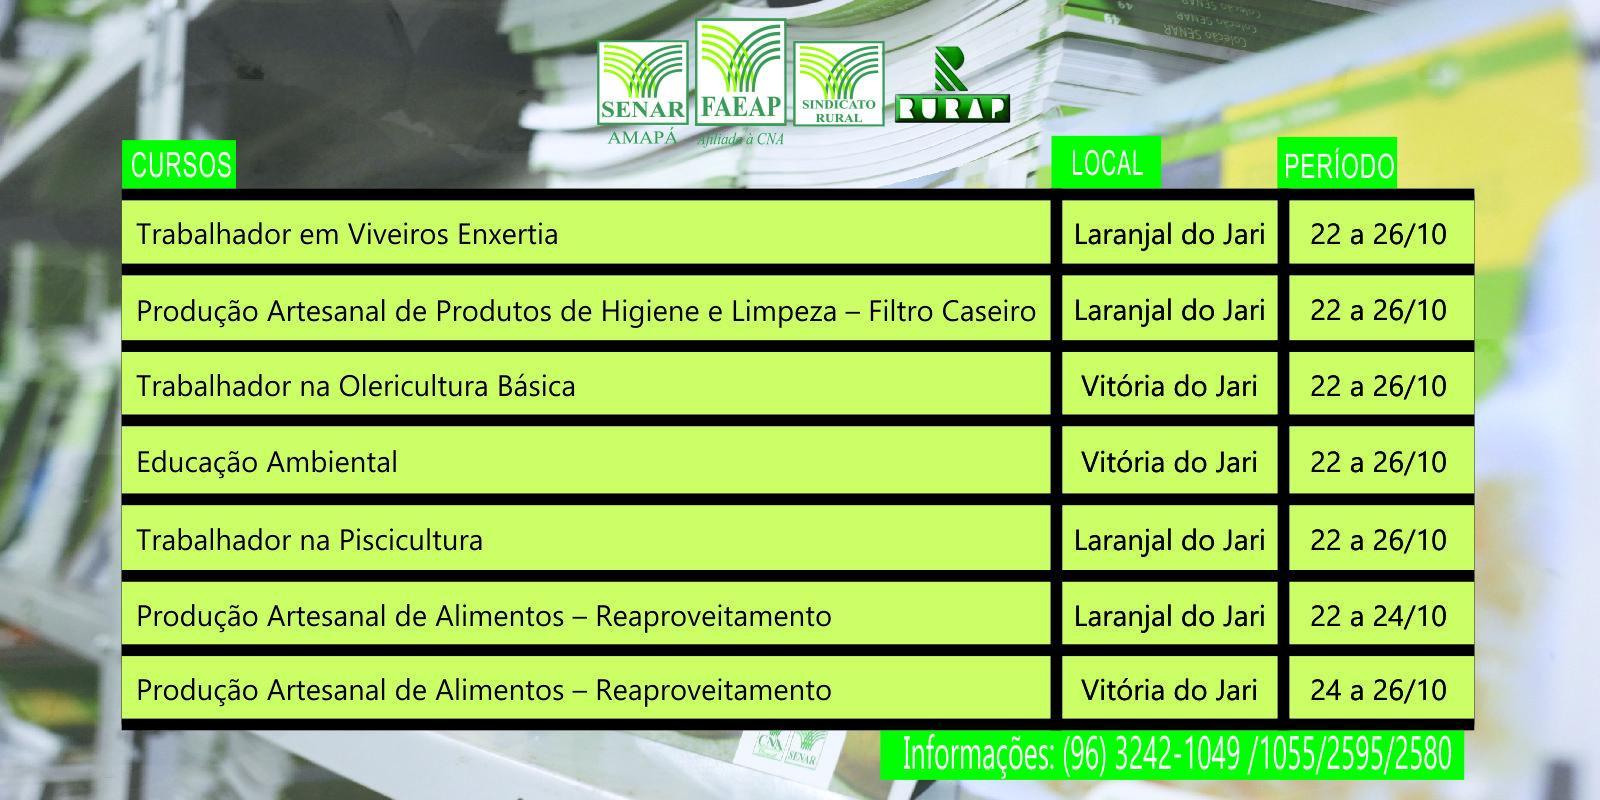 Cursos do SENAR-AP serão oferecidos nos municípios de Laranjal do Jari e Vitória do Jari